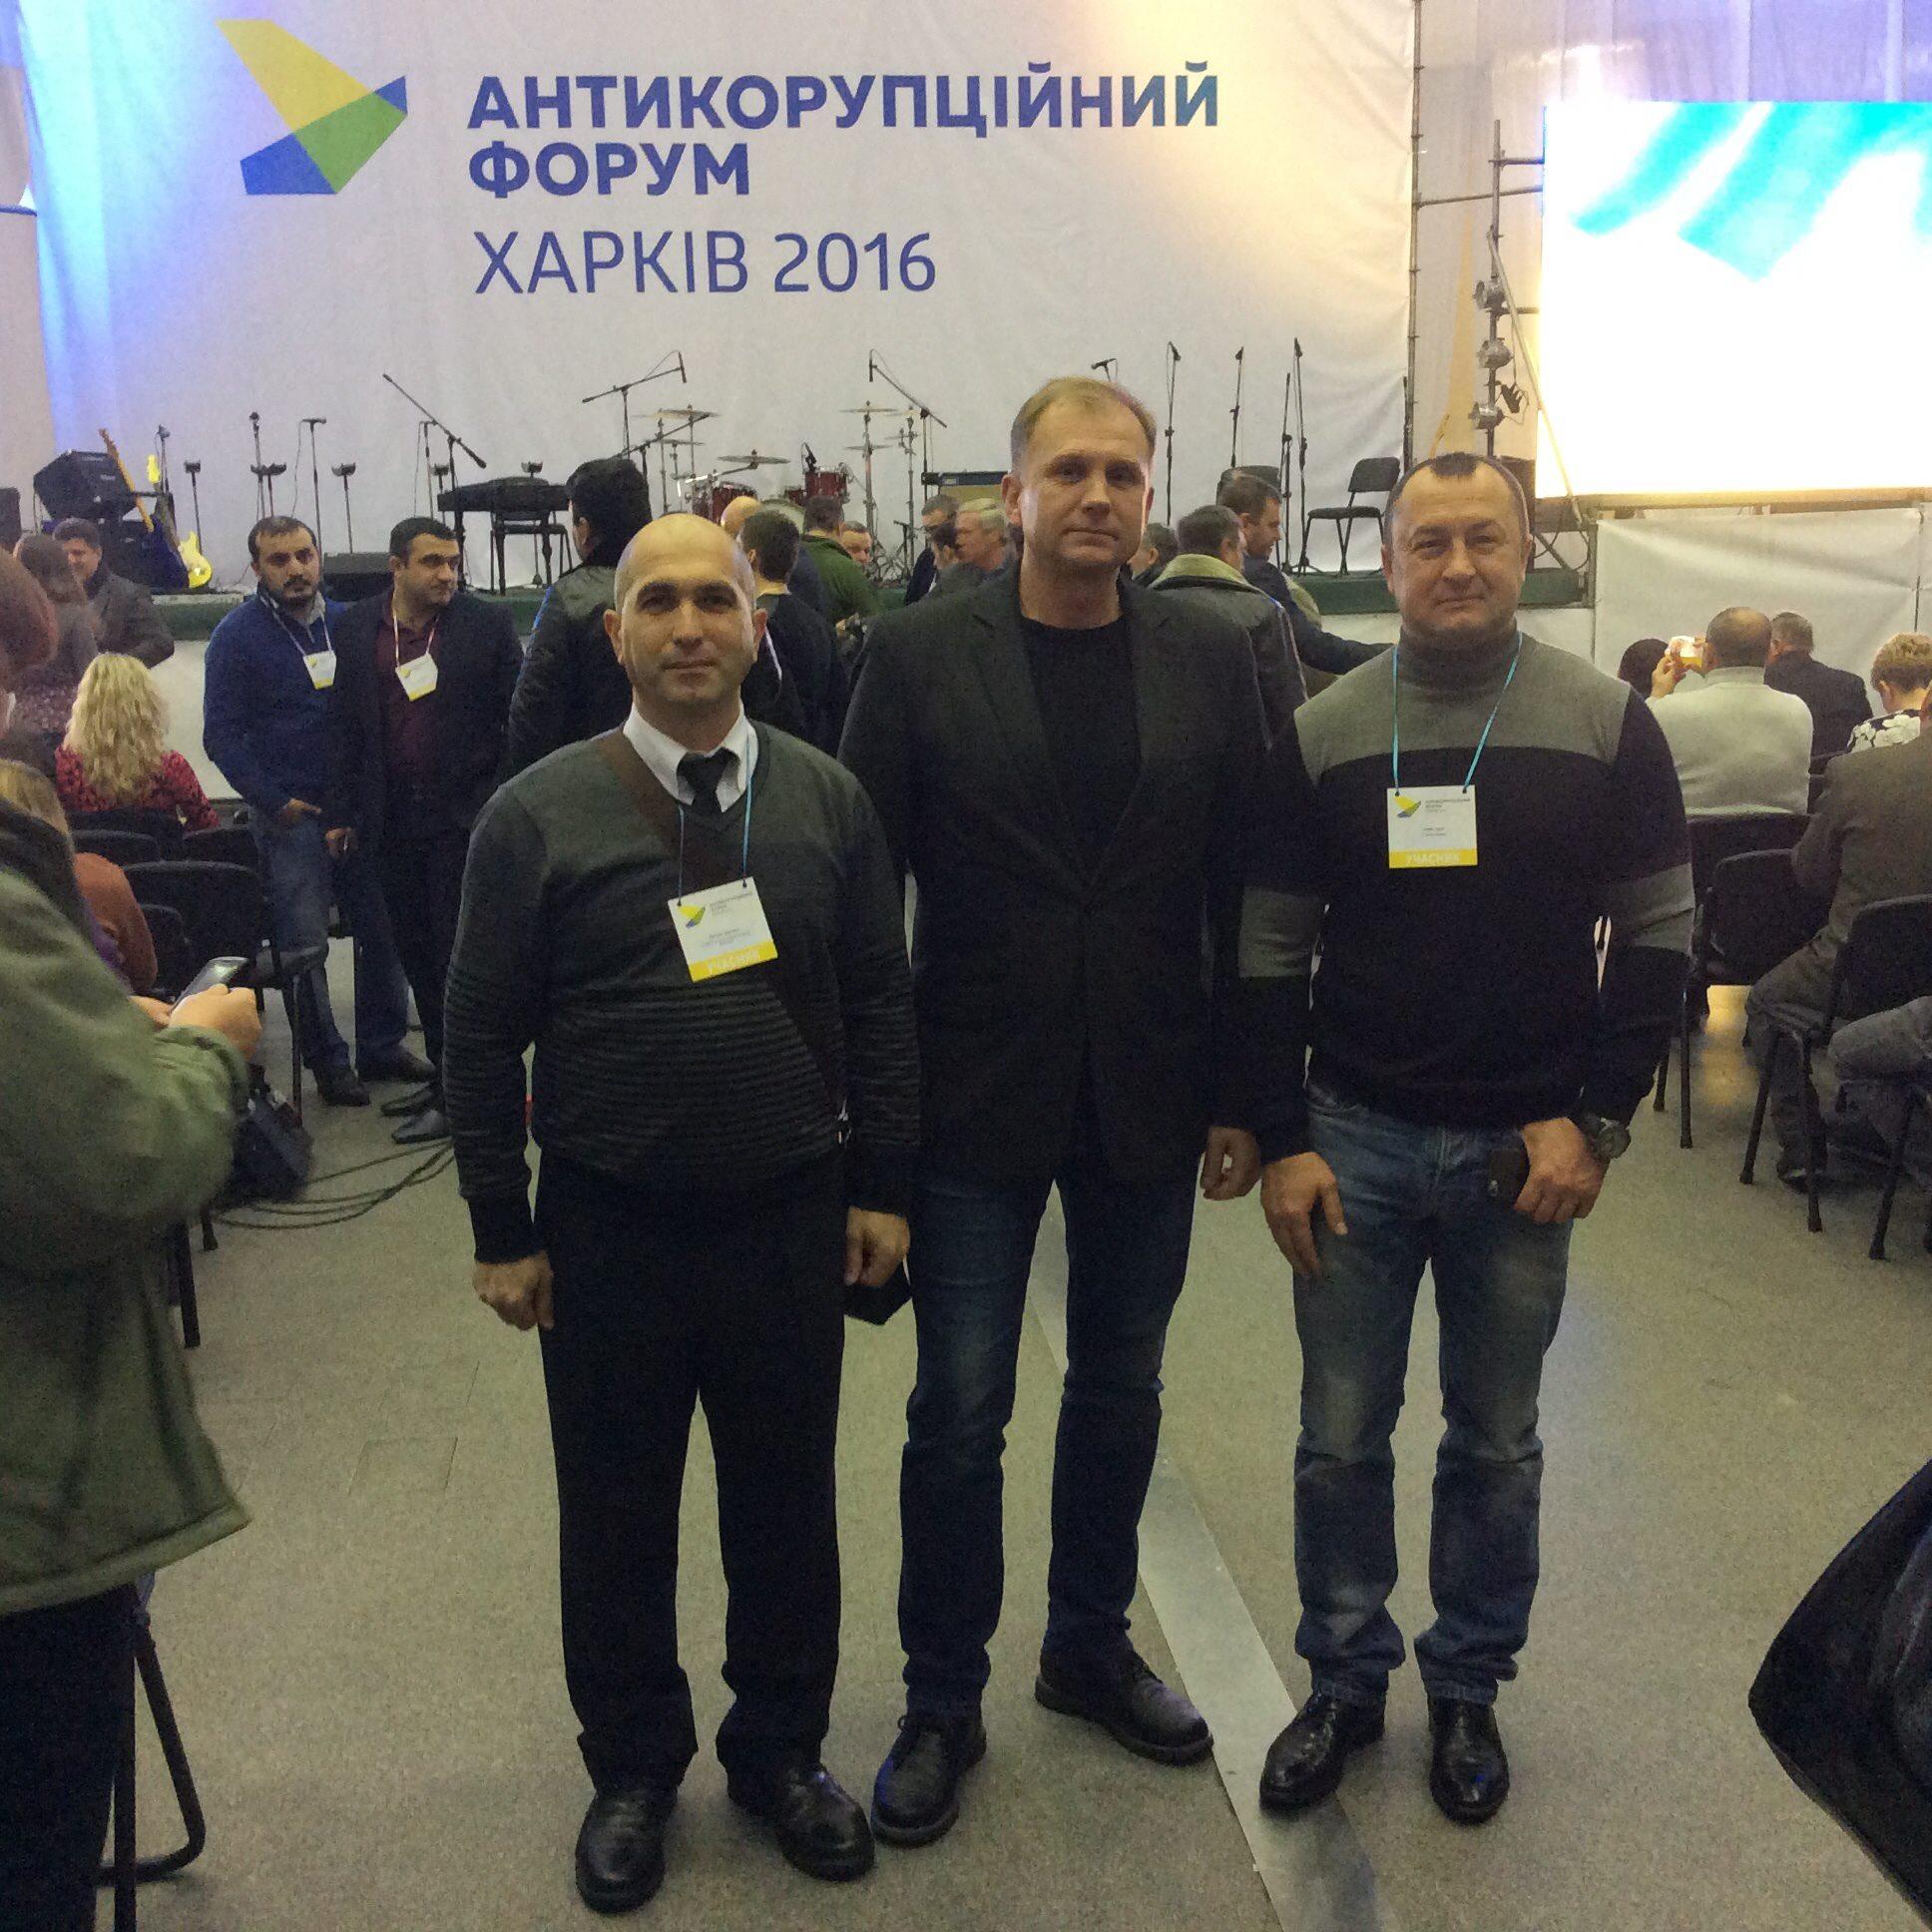 Олег Зонтов на Антикорупційному форумі в Харкові, 2016 рік. Фото з ФБ